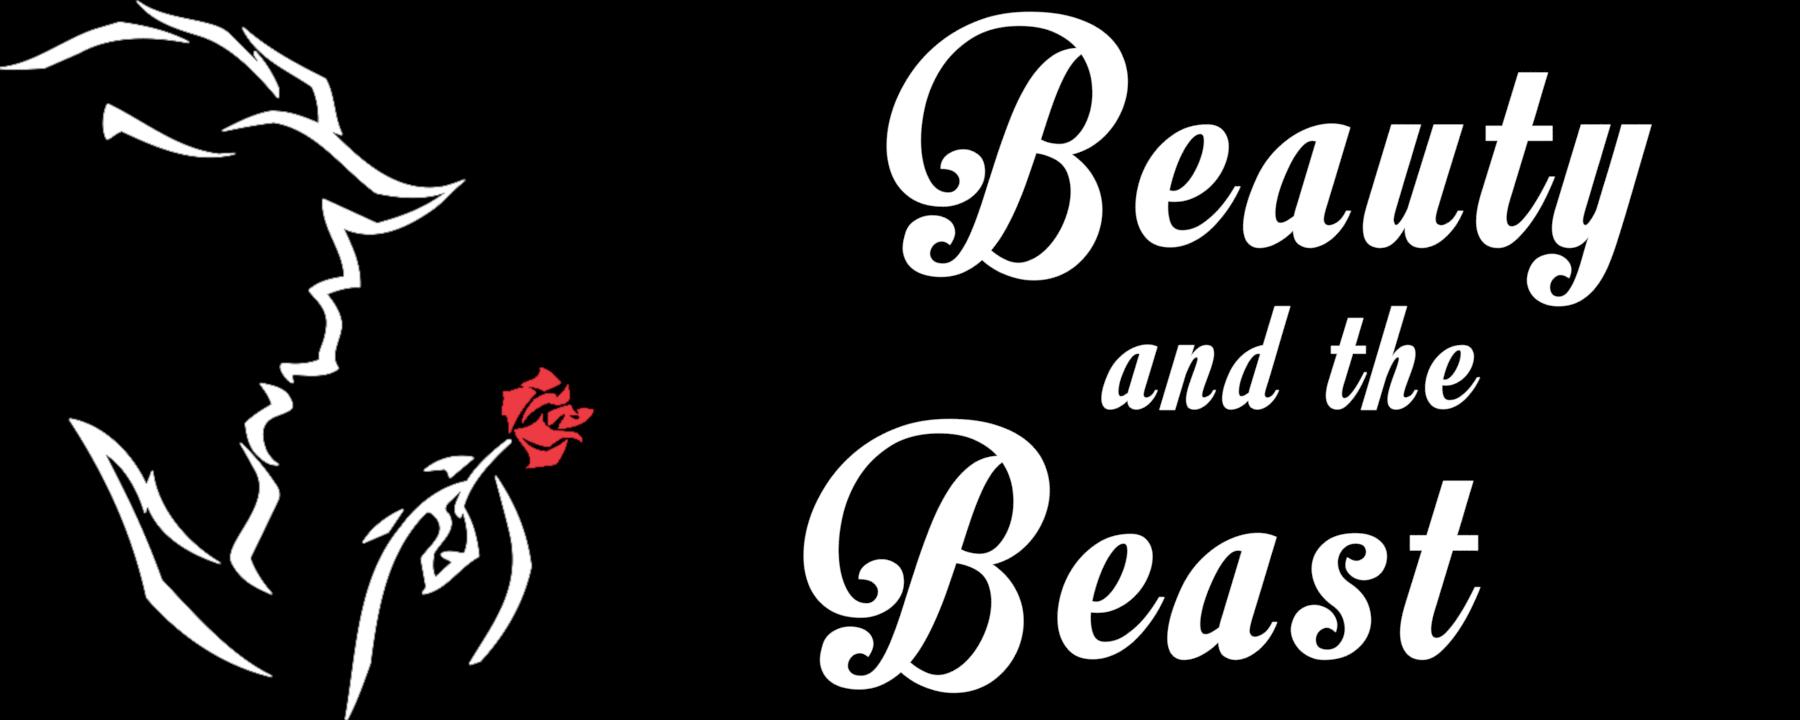 beauty an the beast